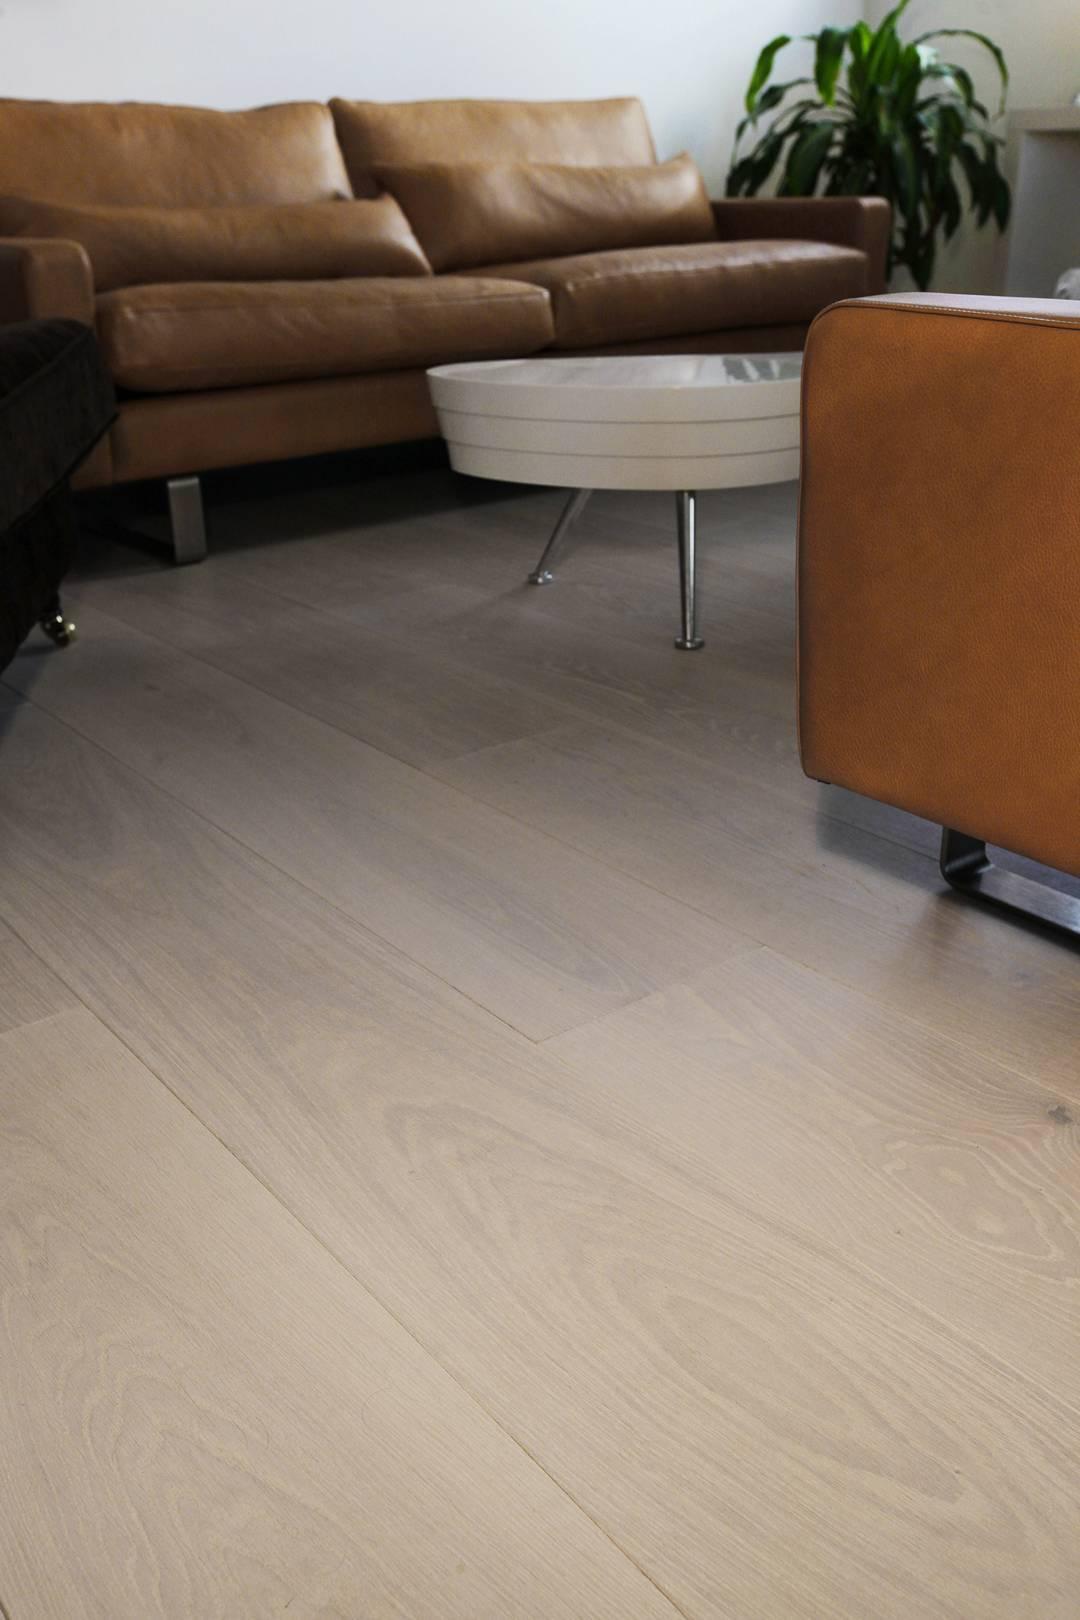 Eg børstet plankegulv | Find trægulve | Design TrægulveDesign Trægulve